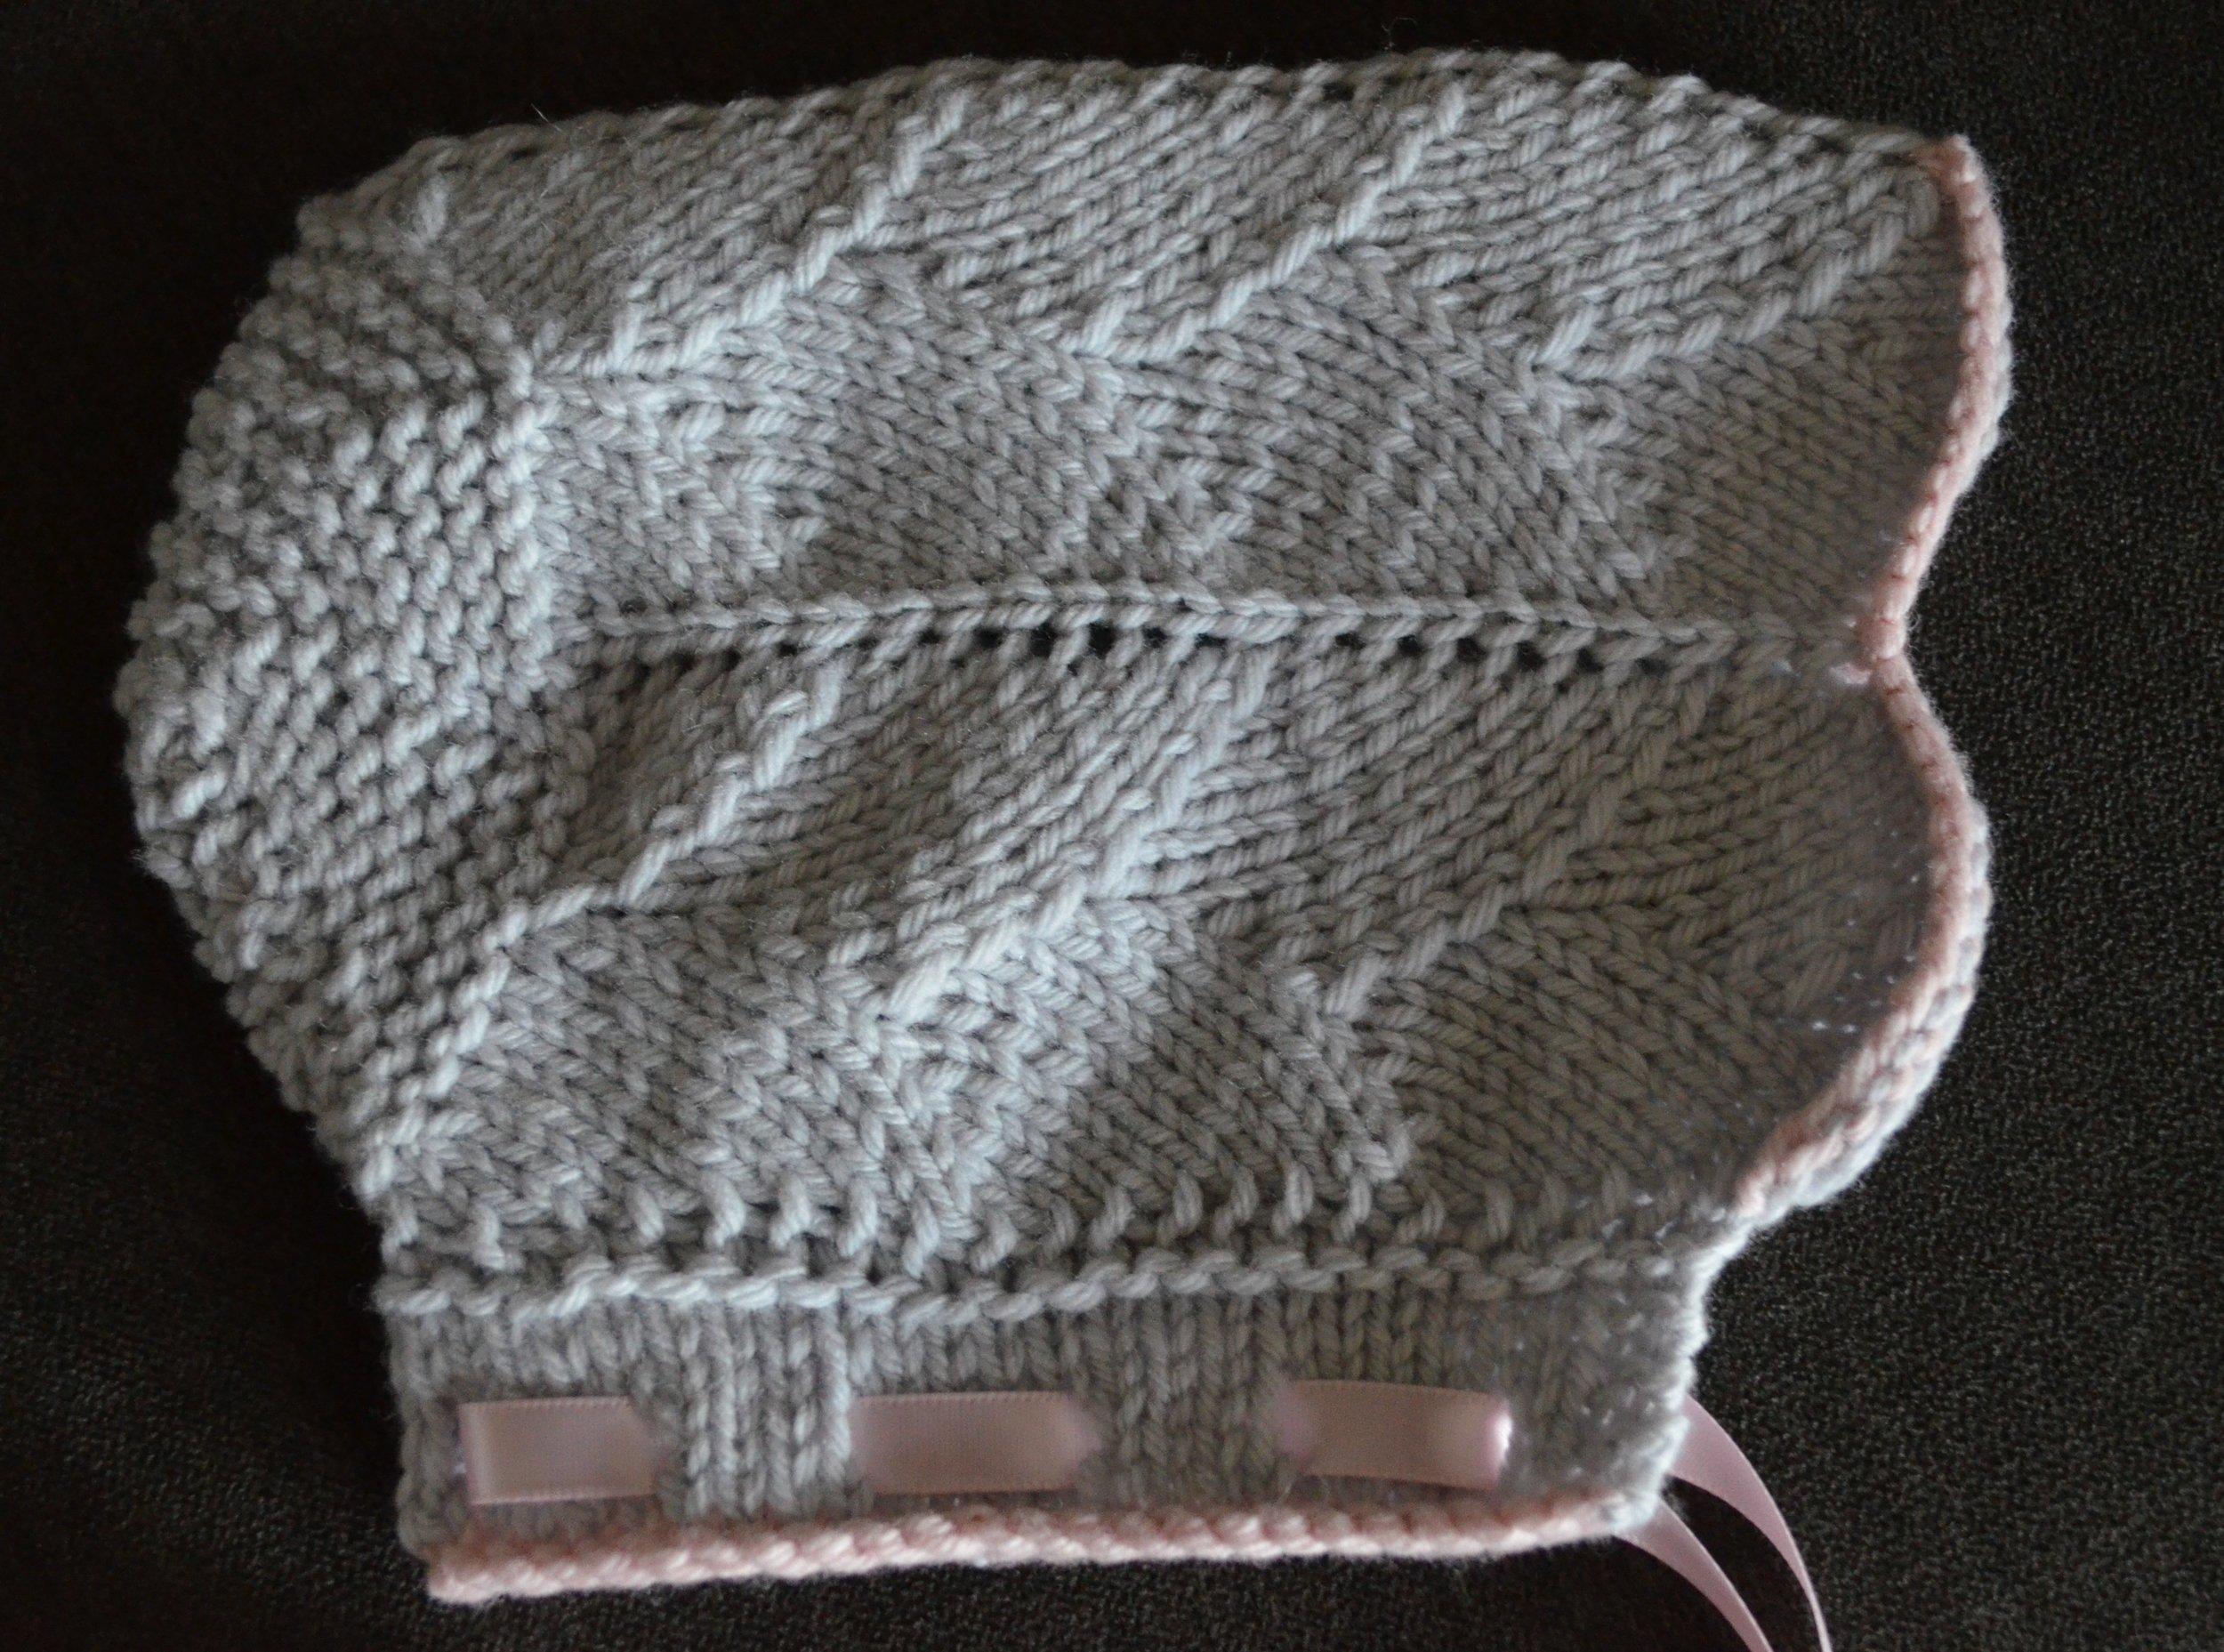 Wintergreen knit baby hat / warporweft.com